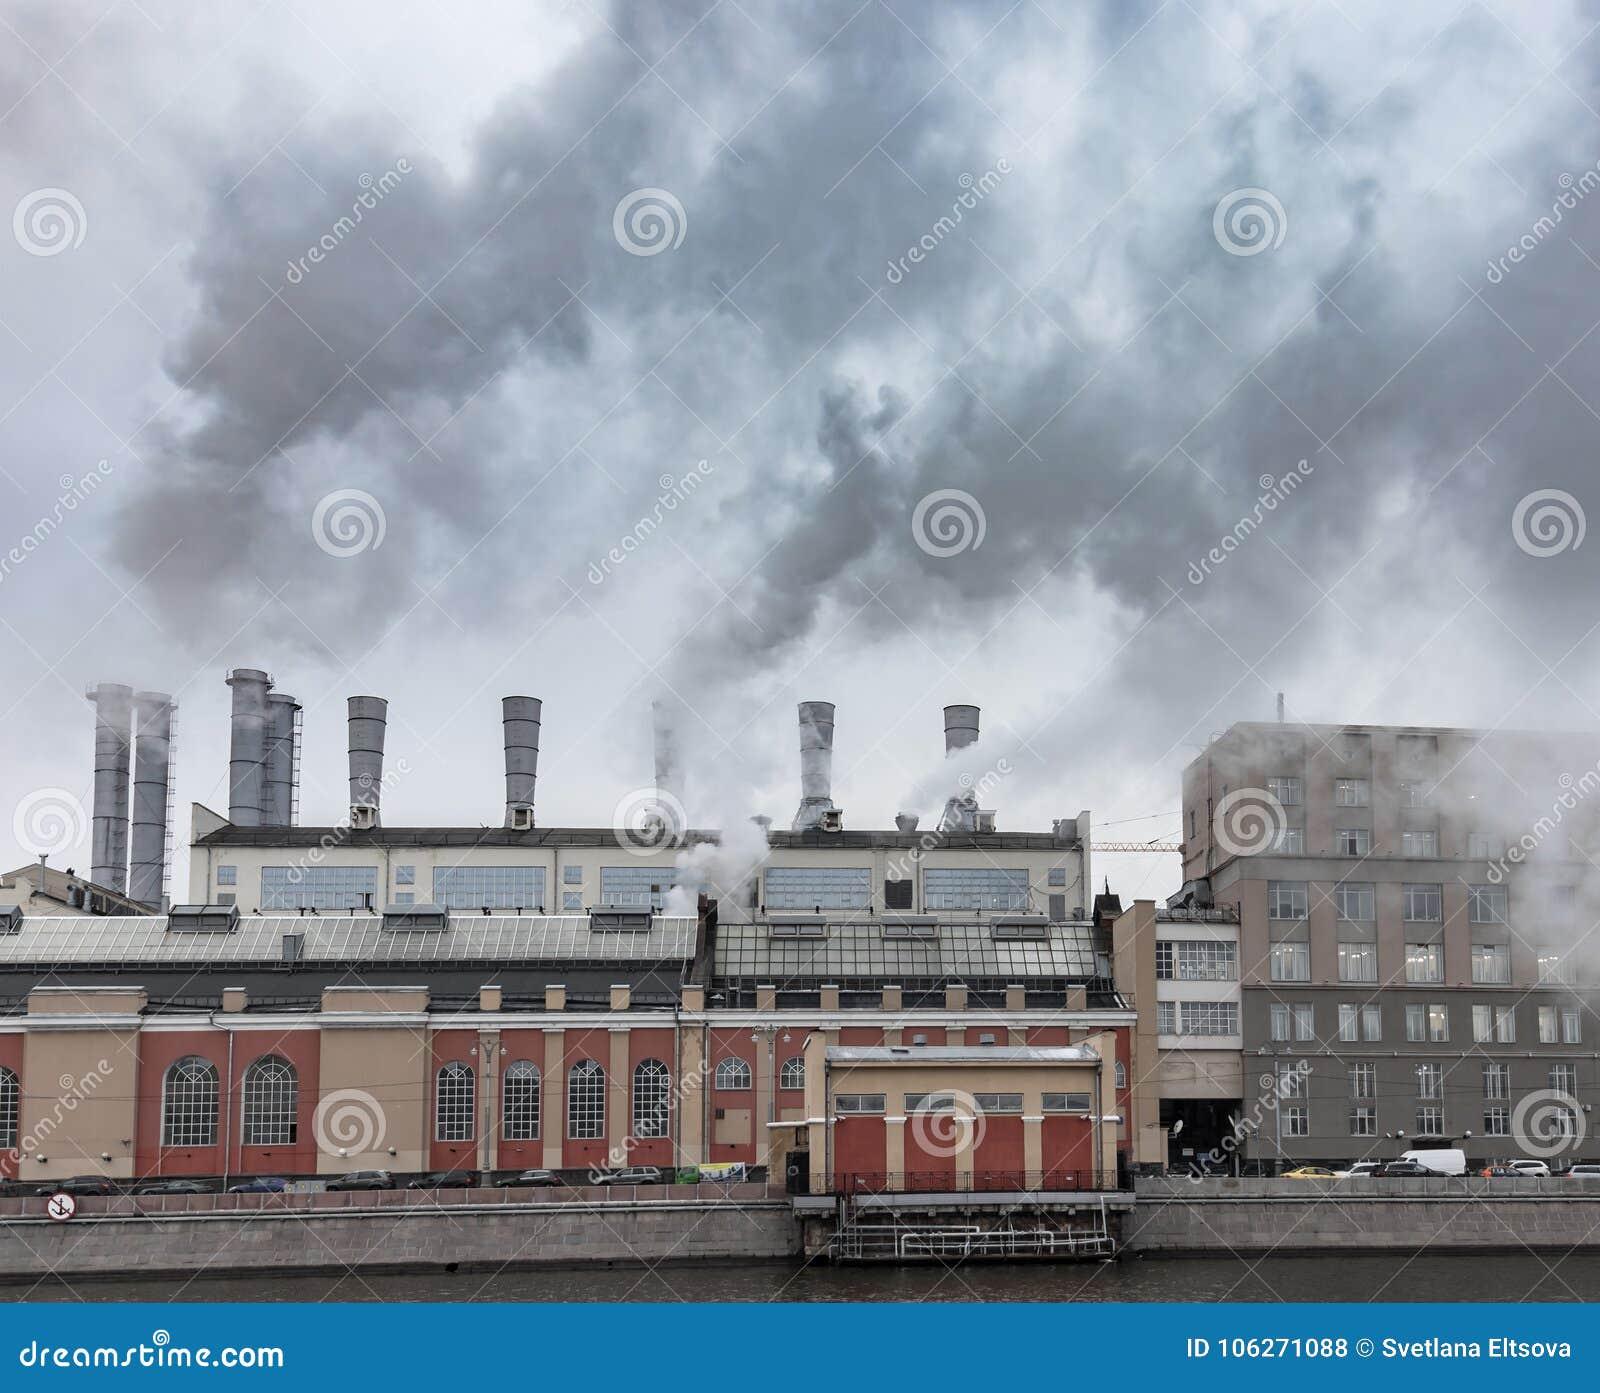 Fuming smokestacks of a factory. Environmental pollution